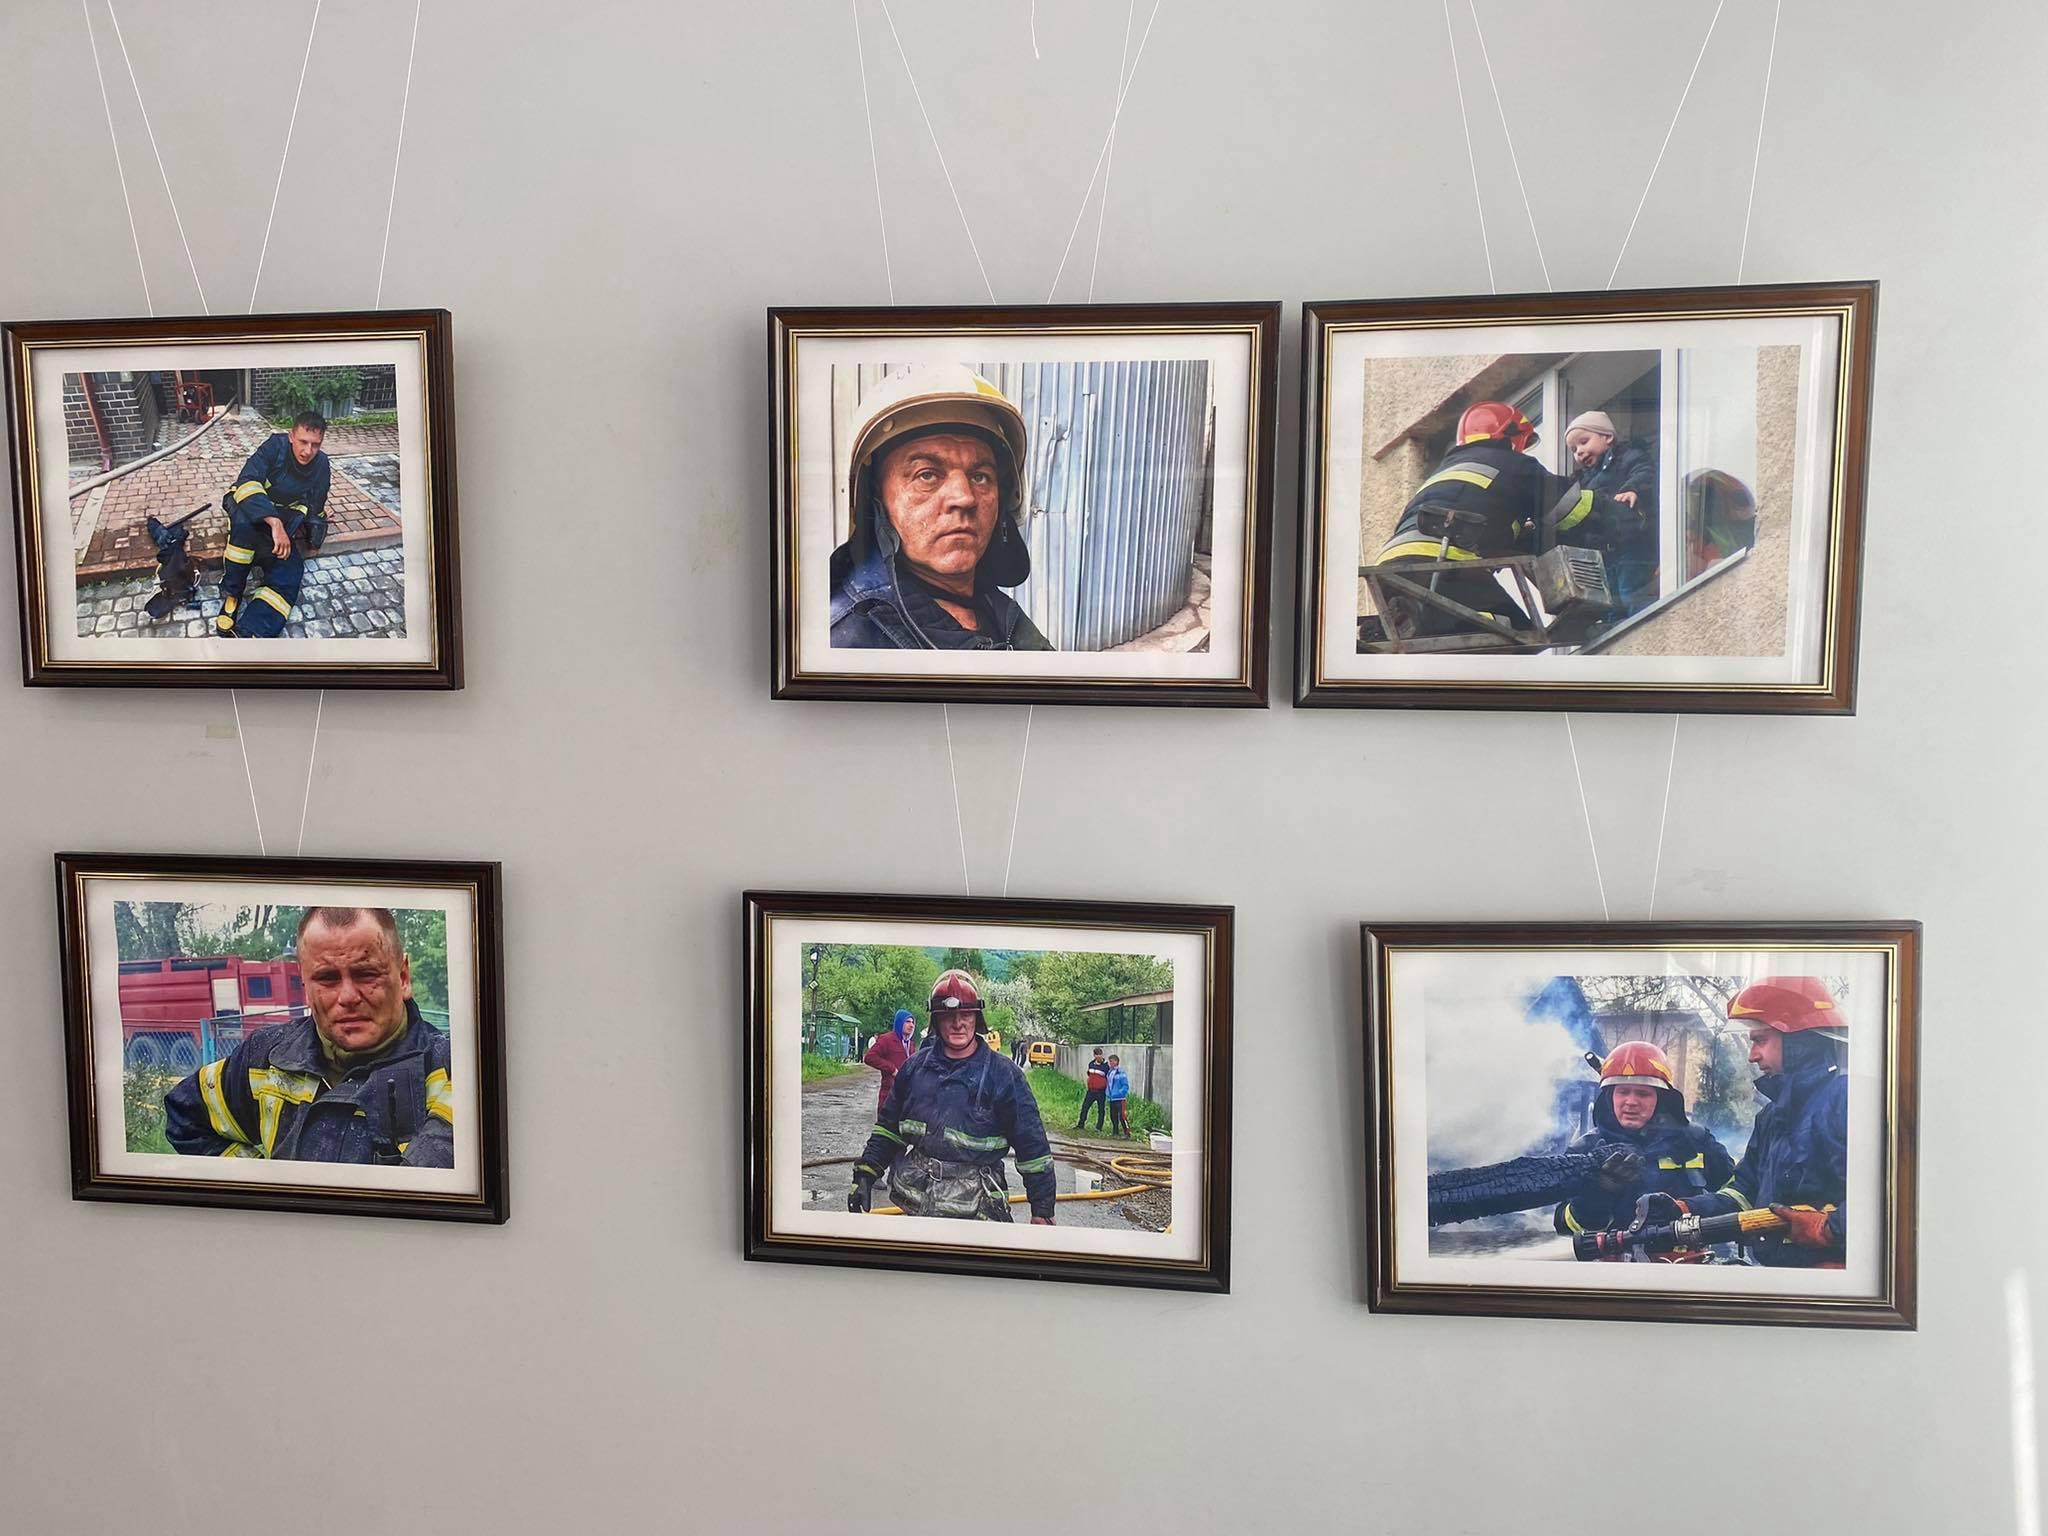 «Ми поруч»: у Франківську до дня рятівника відкрили фотовиставку